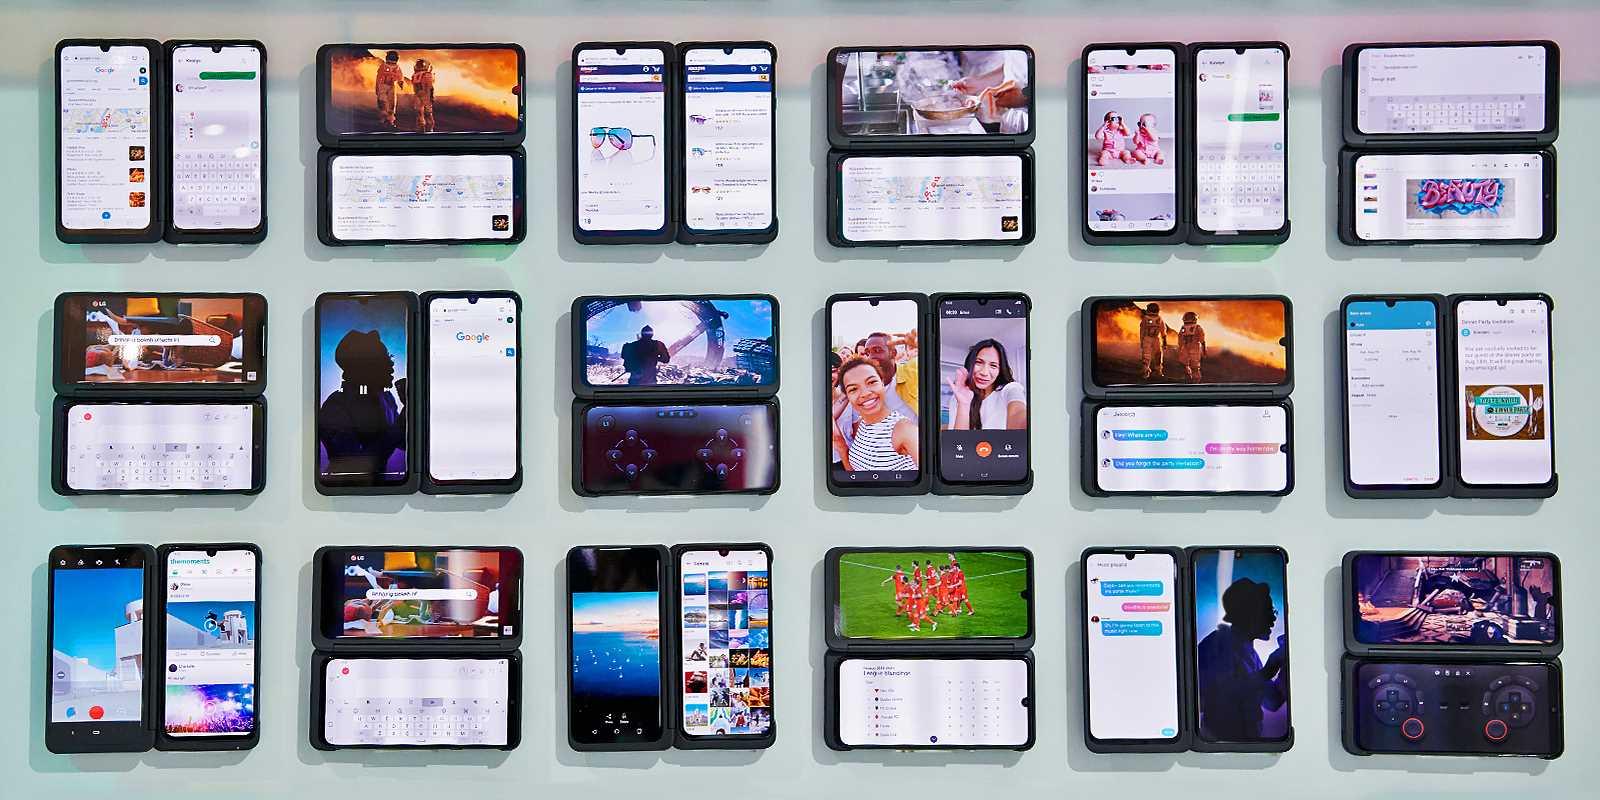 el-lg-g8x-thinq-con-doble-pantalla-llega-a-mexico-este-es-su-precio